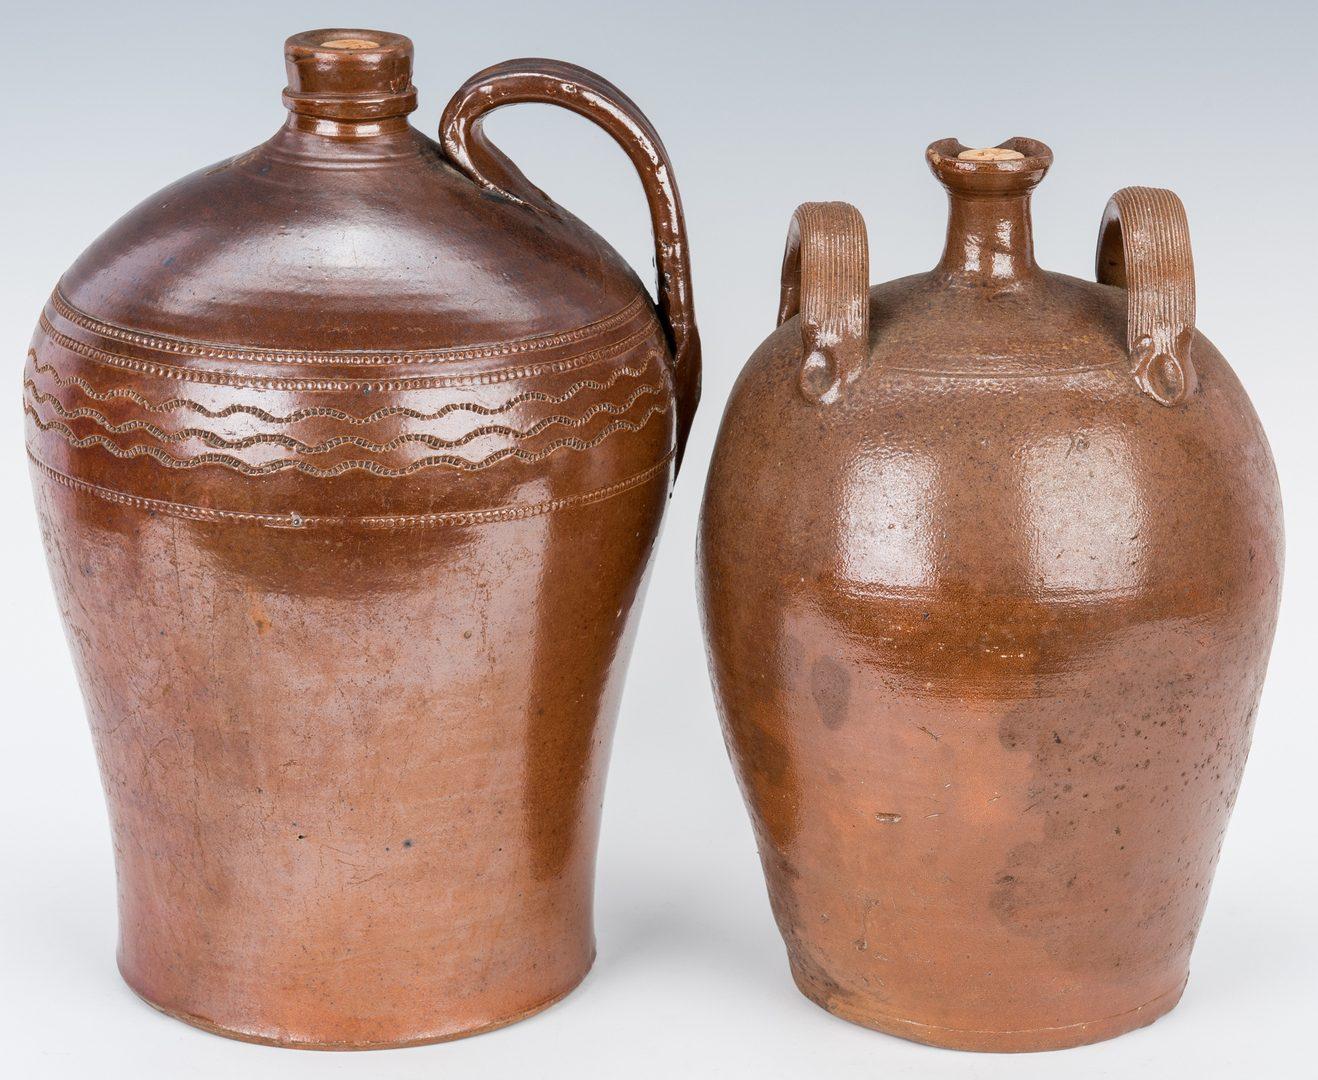 Lot 191: 2 English Stoneware Pottery Jars